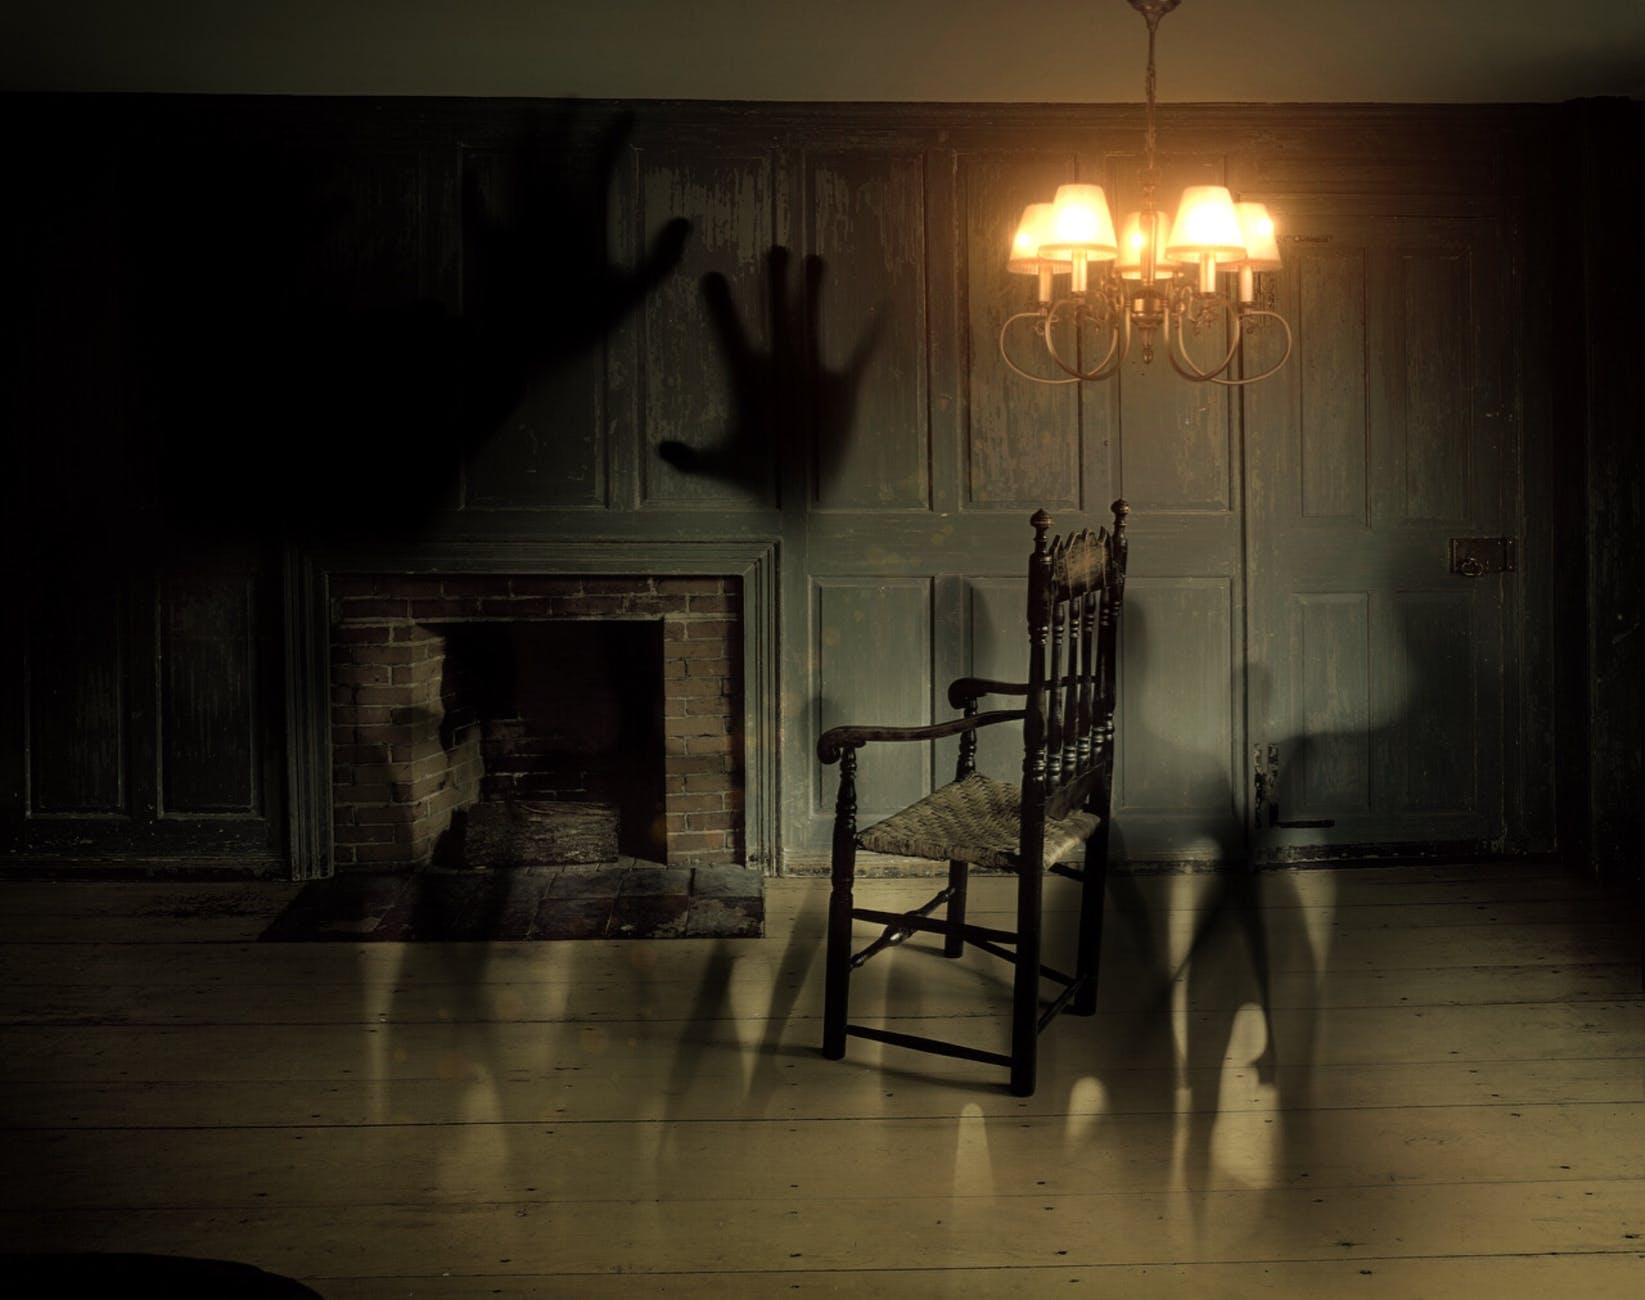 מה זה חדר בריחה? ומאיפה זה הגיע?